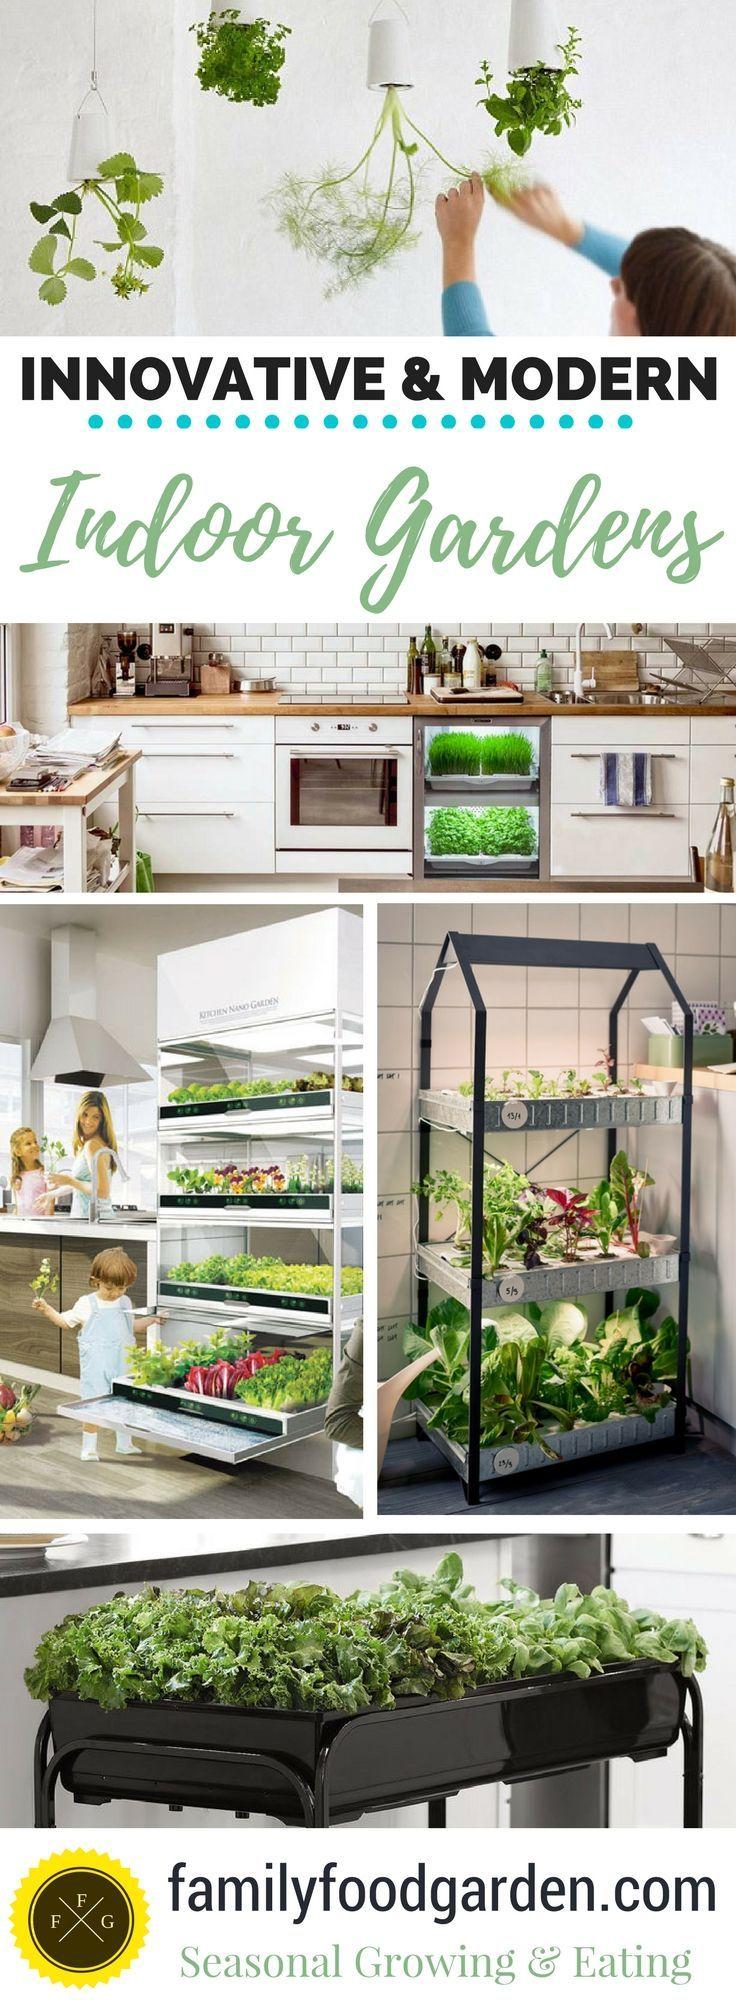 Indoor Gardening Ideas to Grow Food Inside